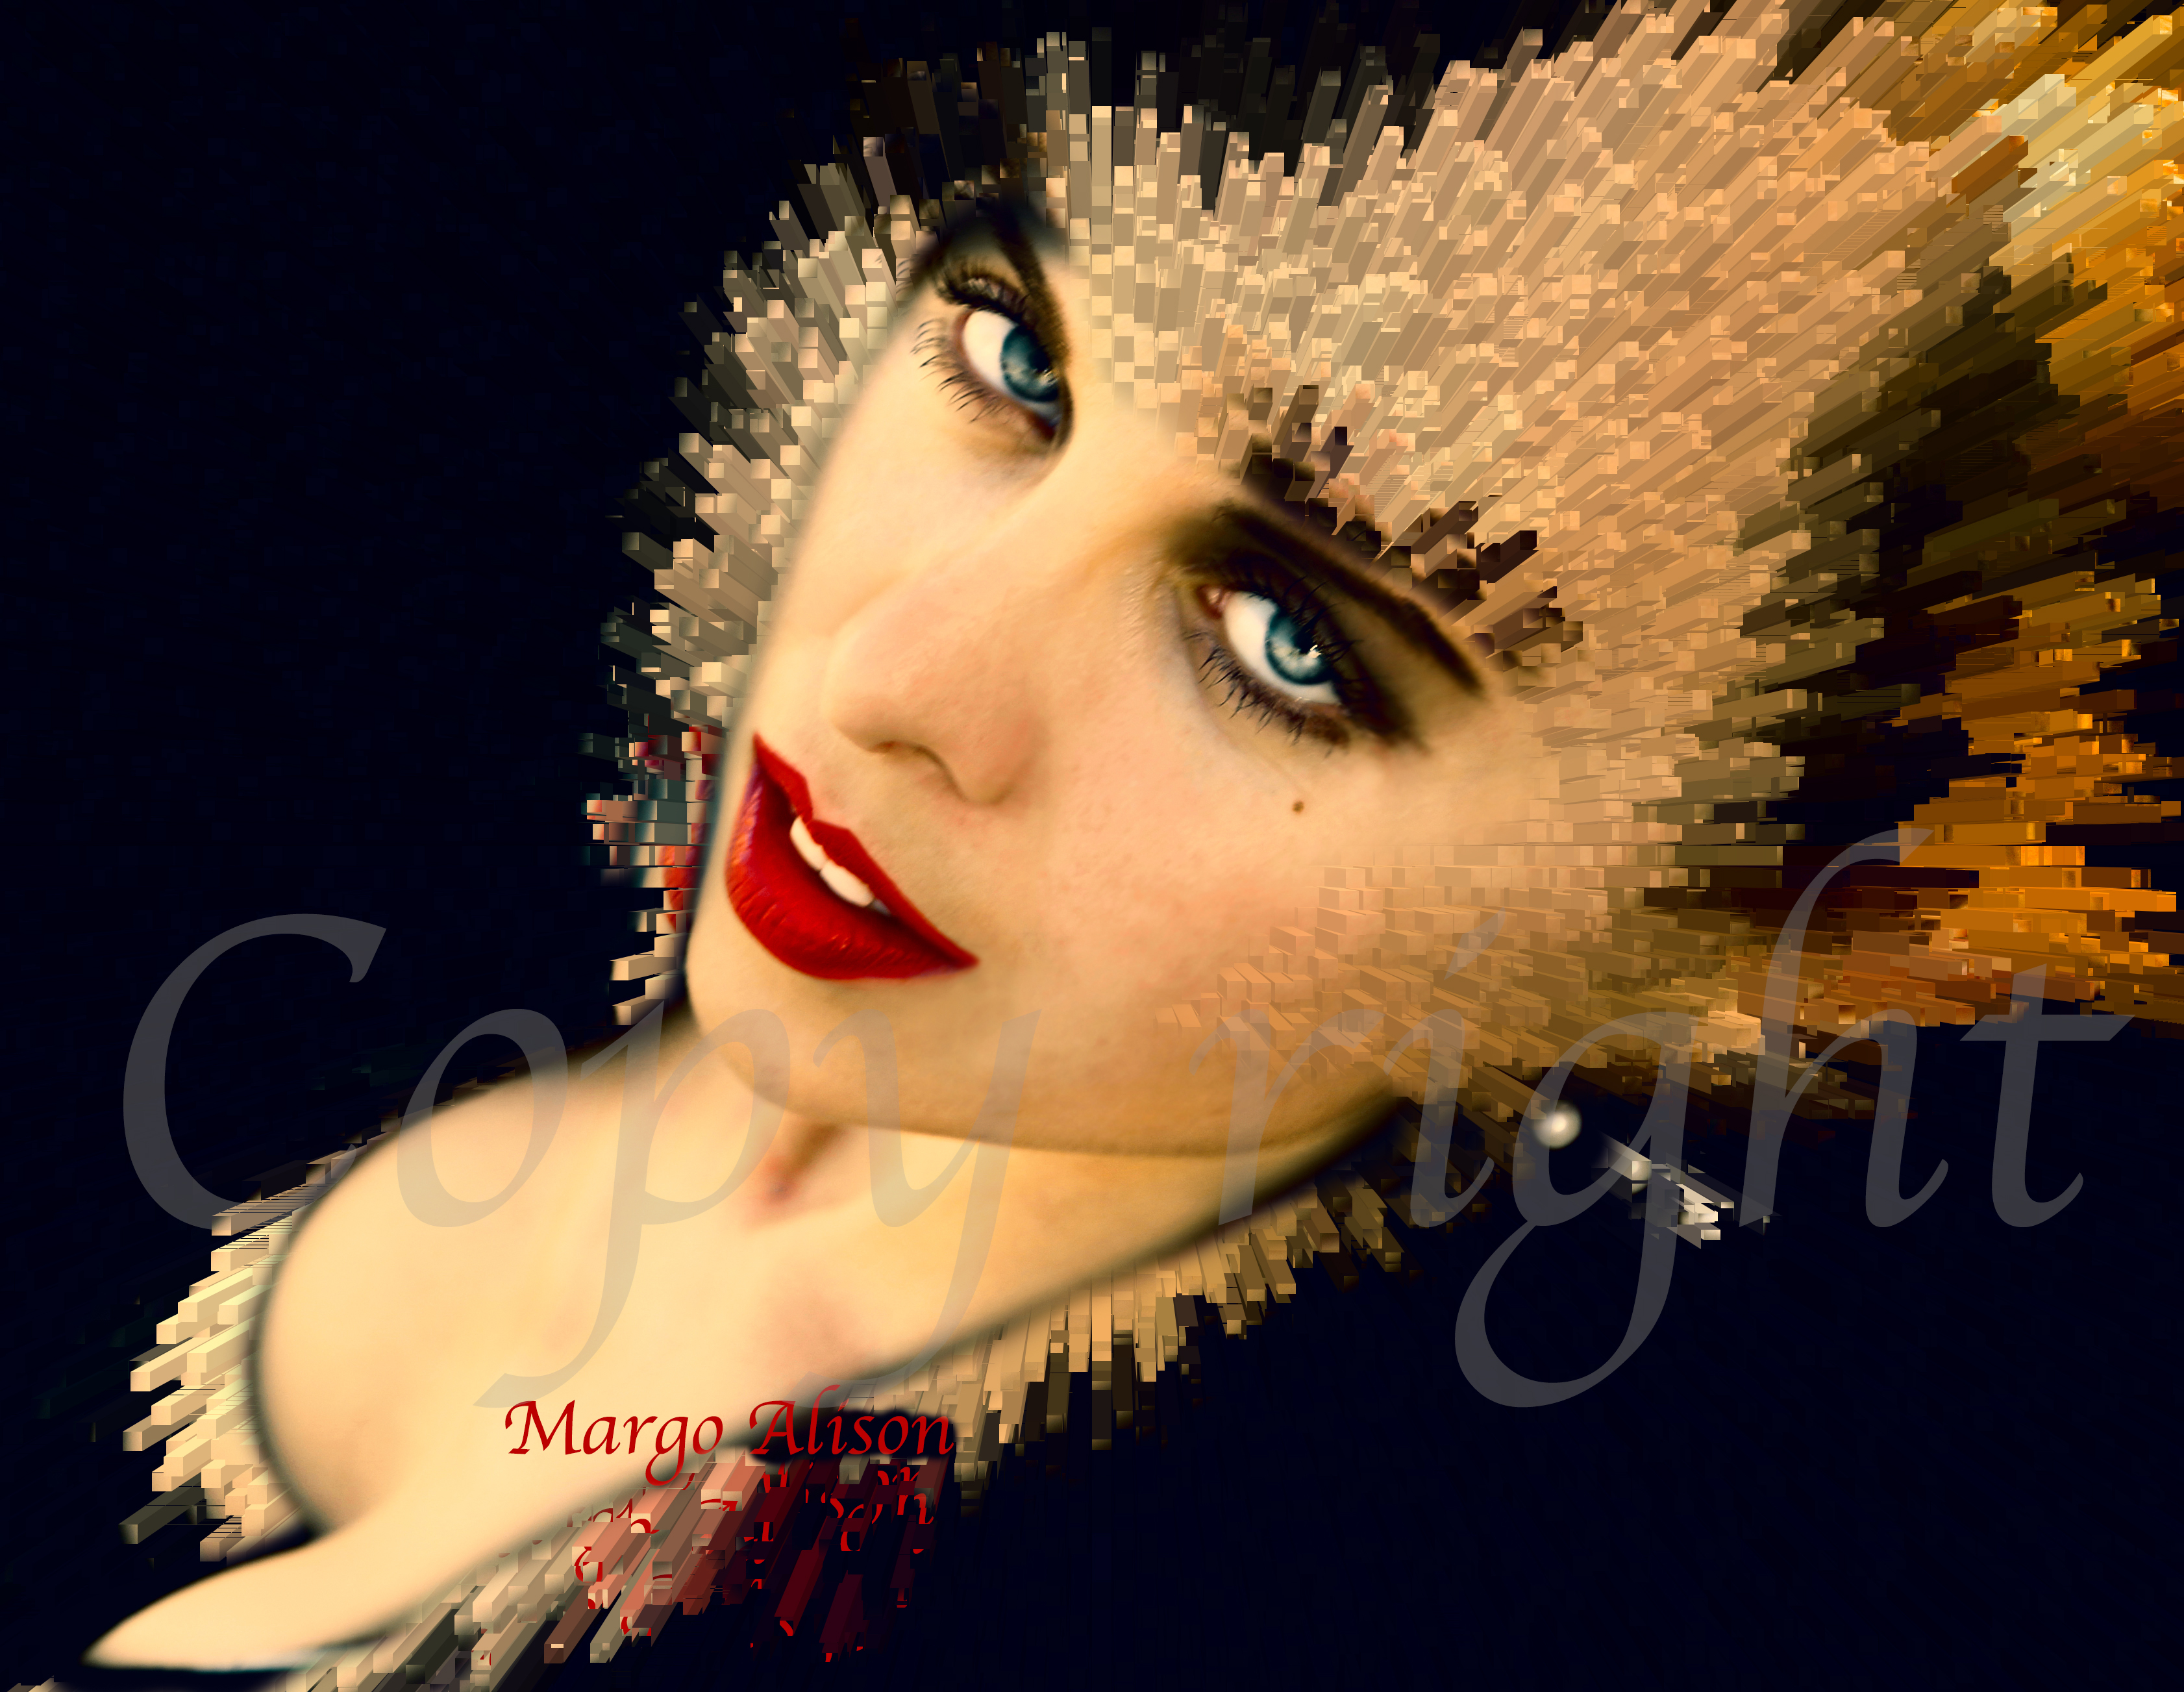 Margo Alison Vampire.jpg